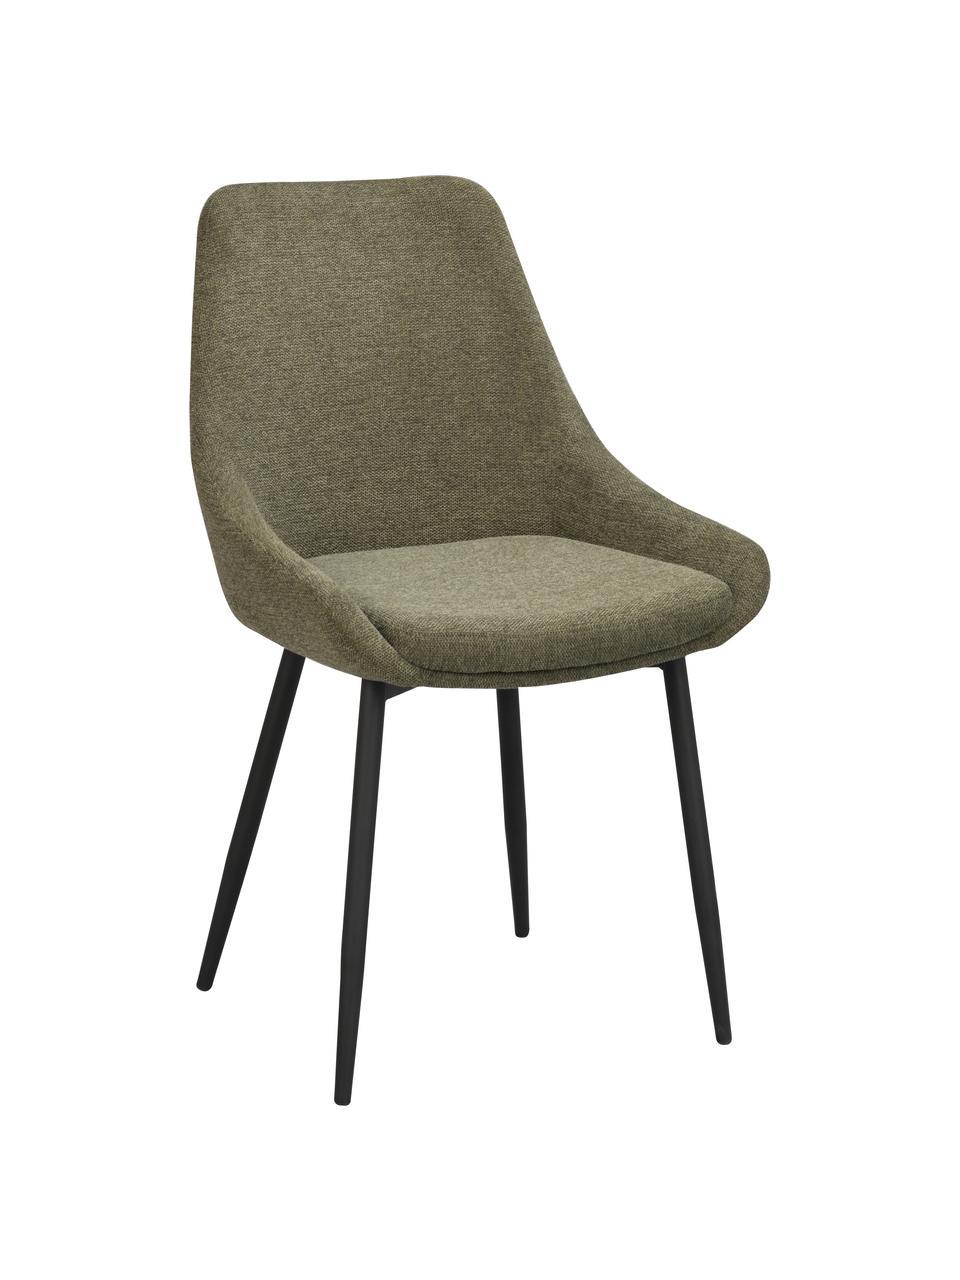 Polsterstühle Sierra in Grün, 2 Stück, Bezug: 100% Polyester, Beine: Metall, pulverbeschichtet, Webstoff Grün, B 49 x T 55 cm